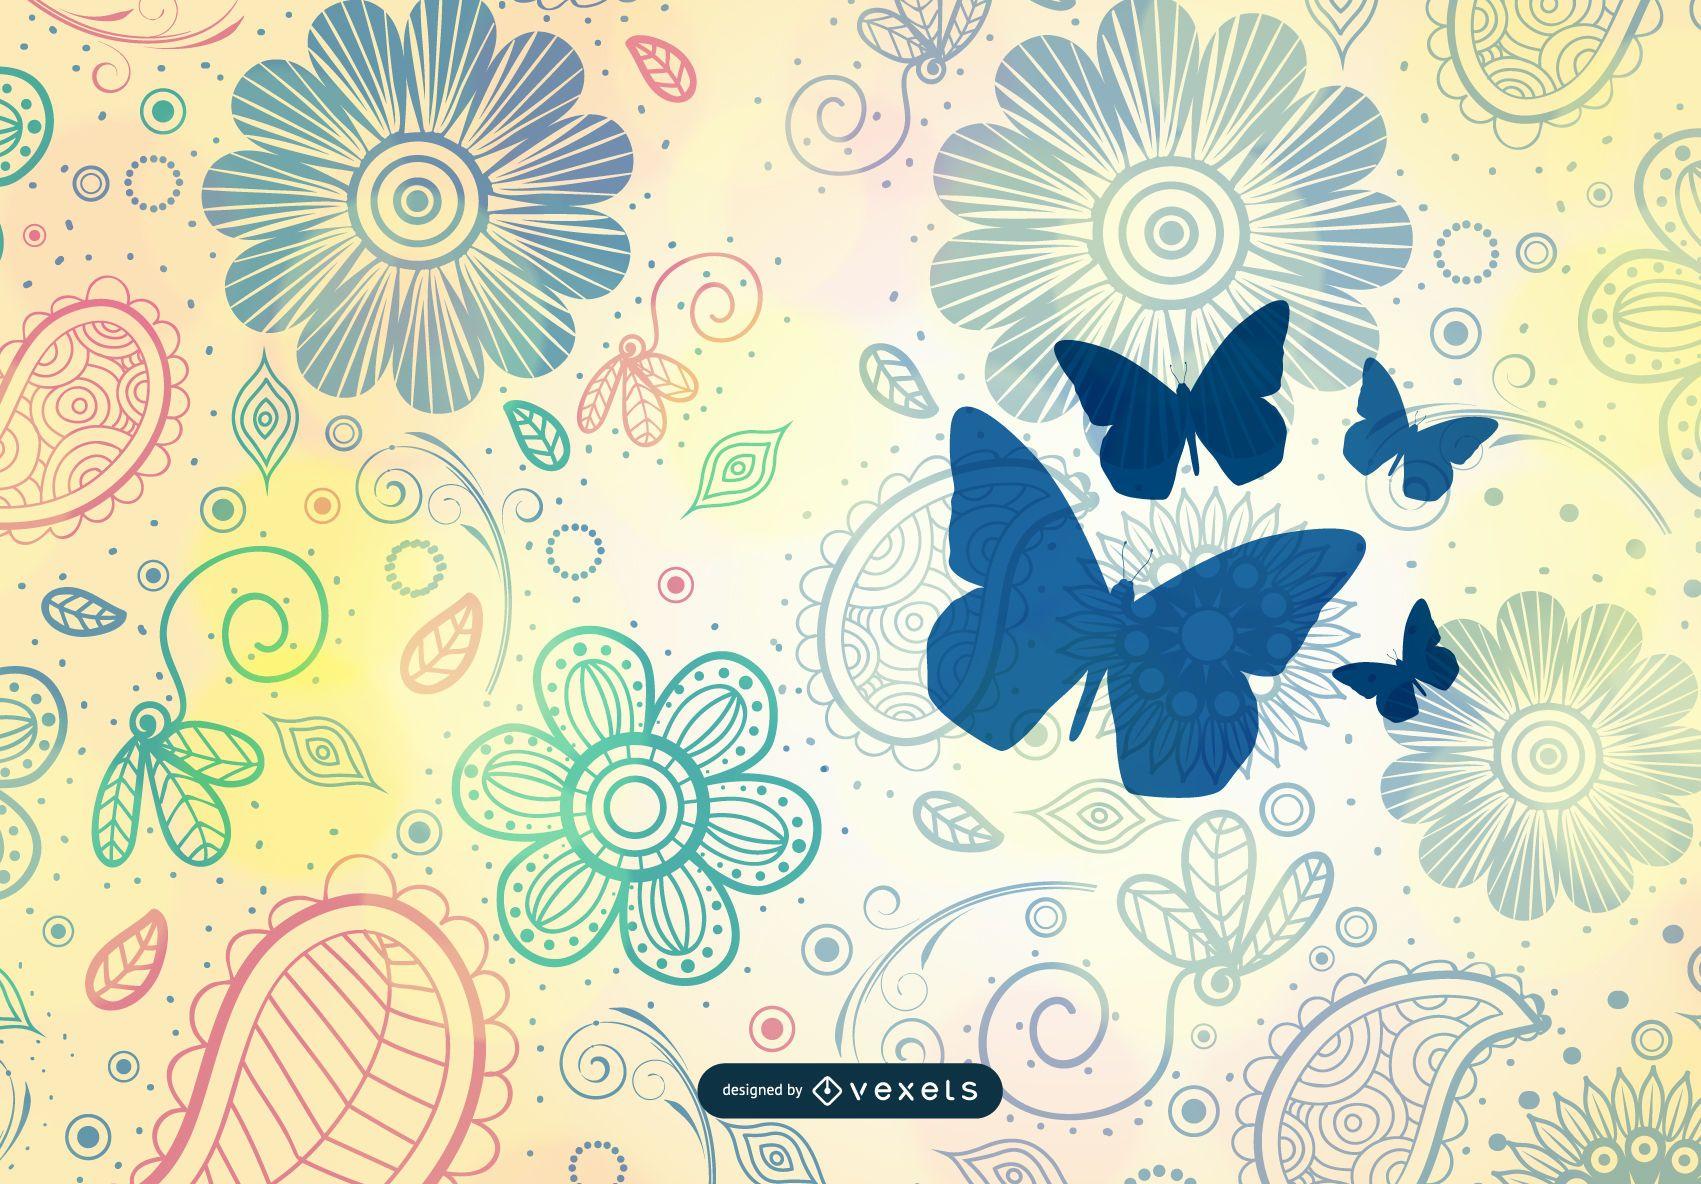 Arte vetorial de fundo vintage flor padrão